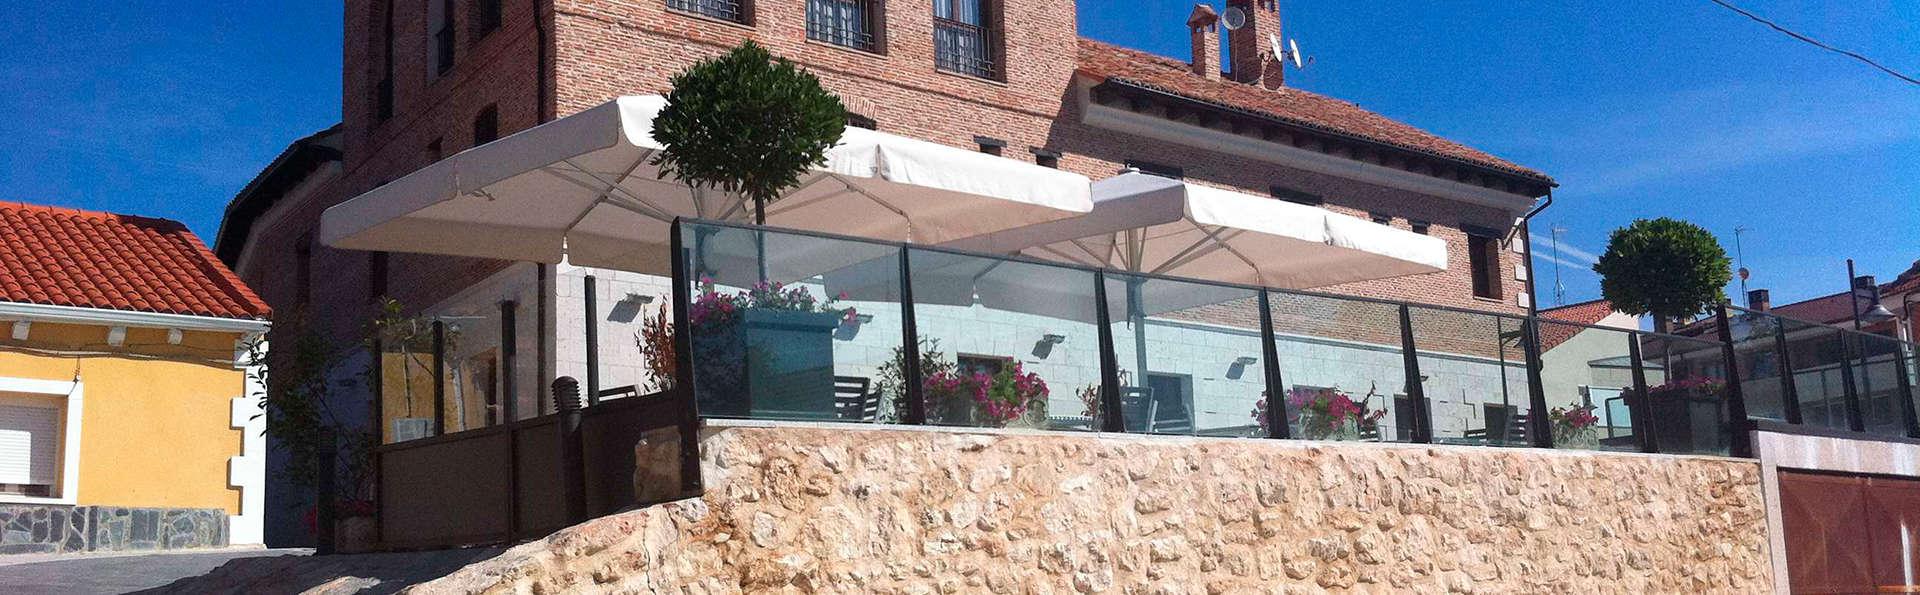 Hotel Jardín de la Abadía - EDIT_front.jpg